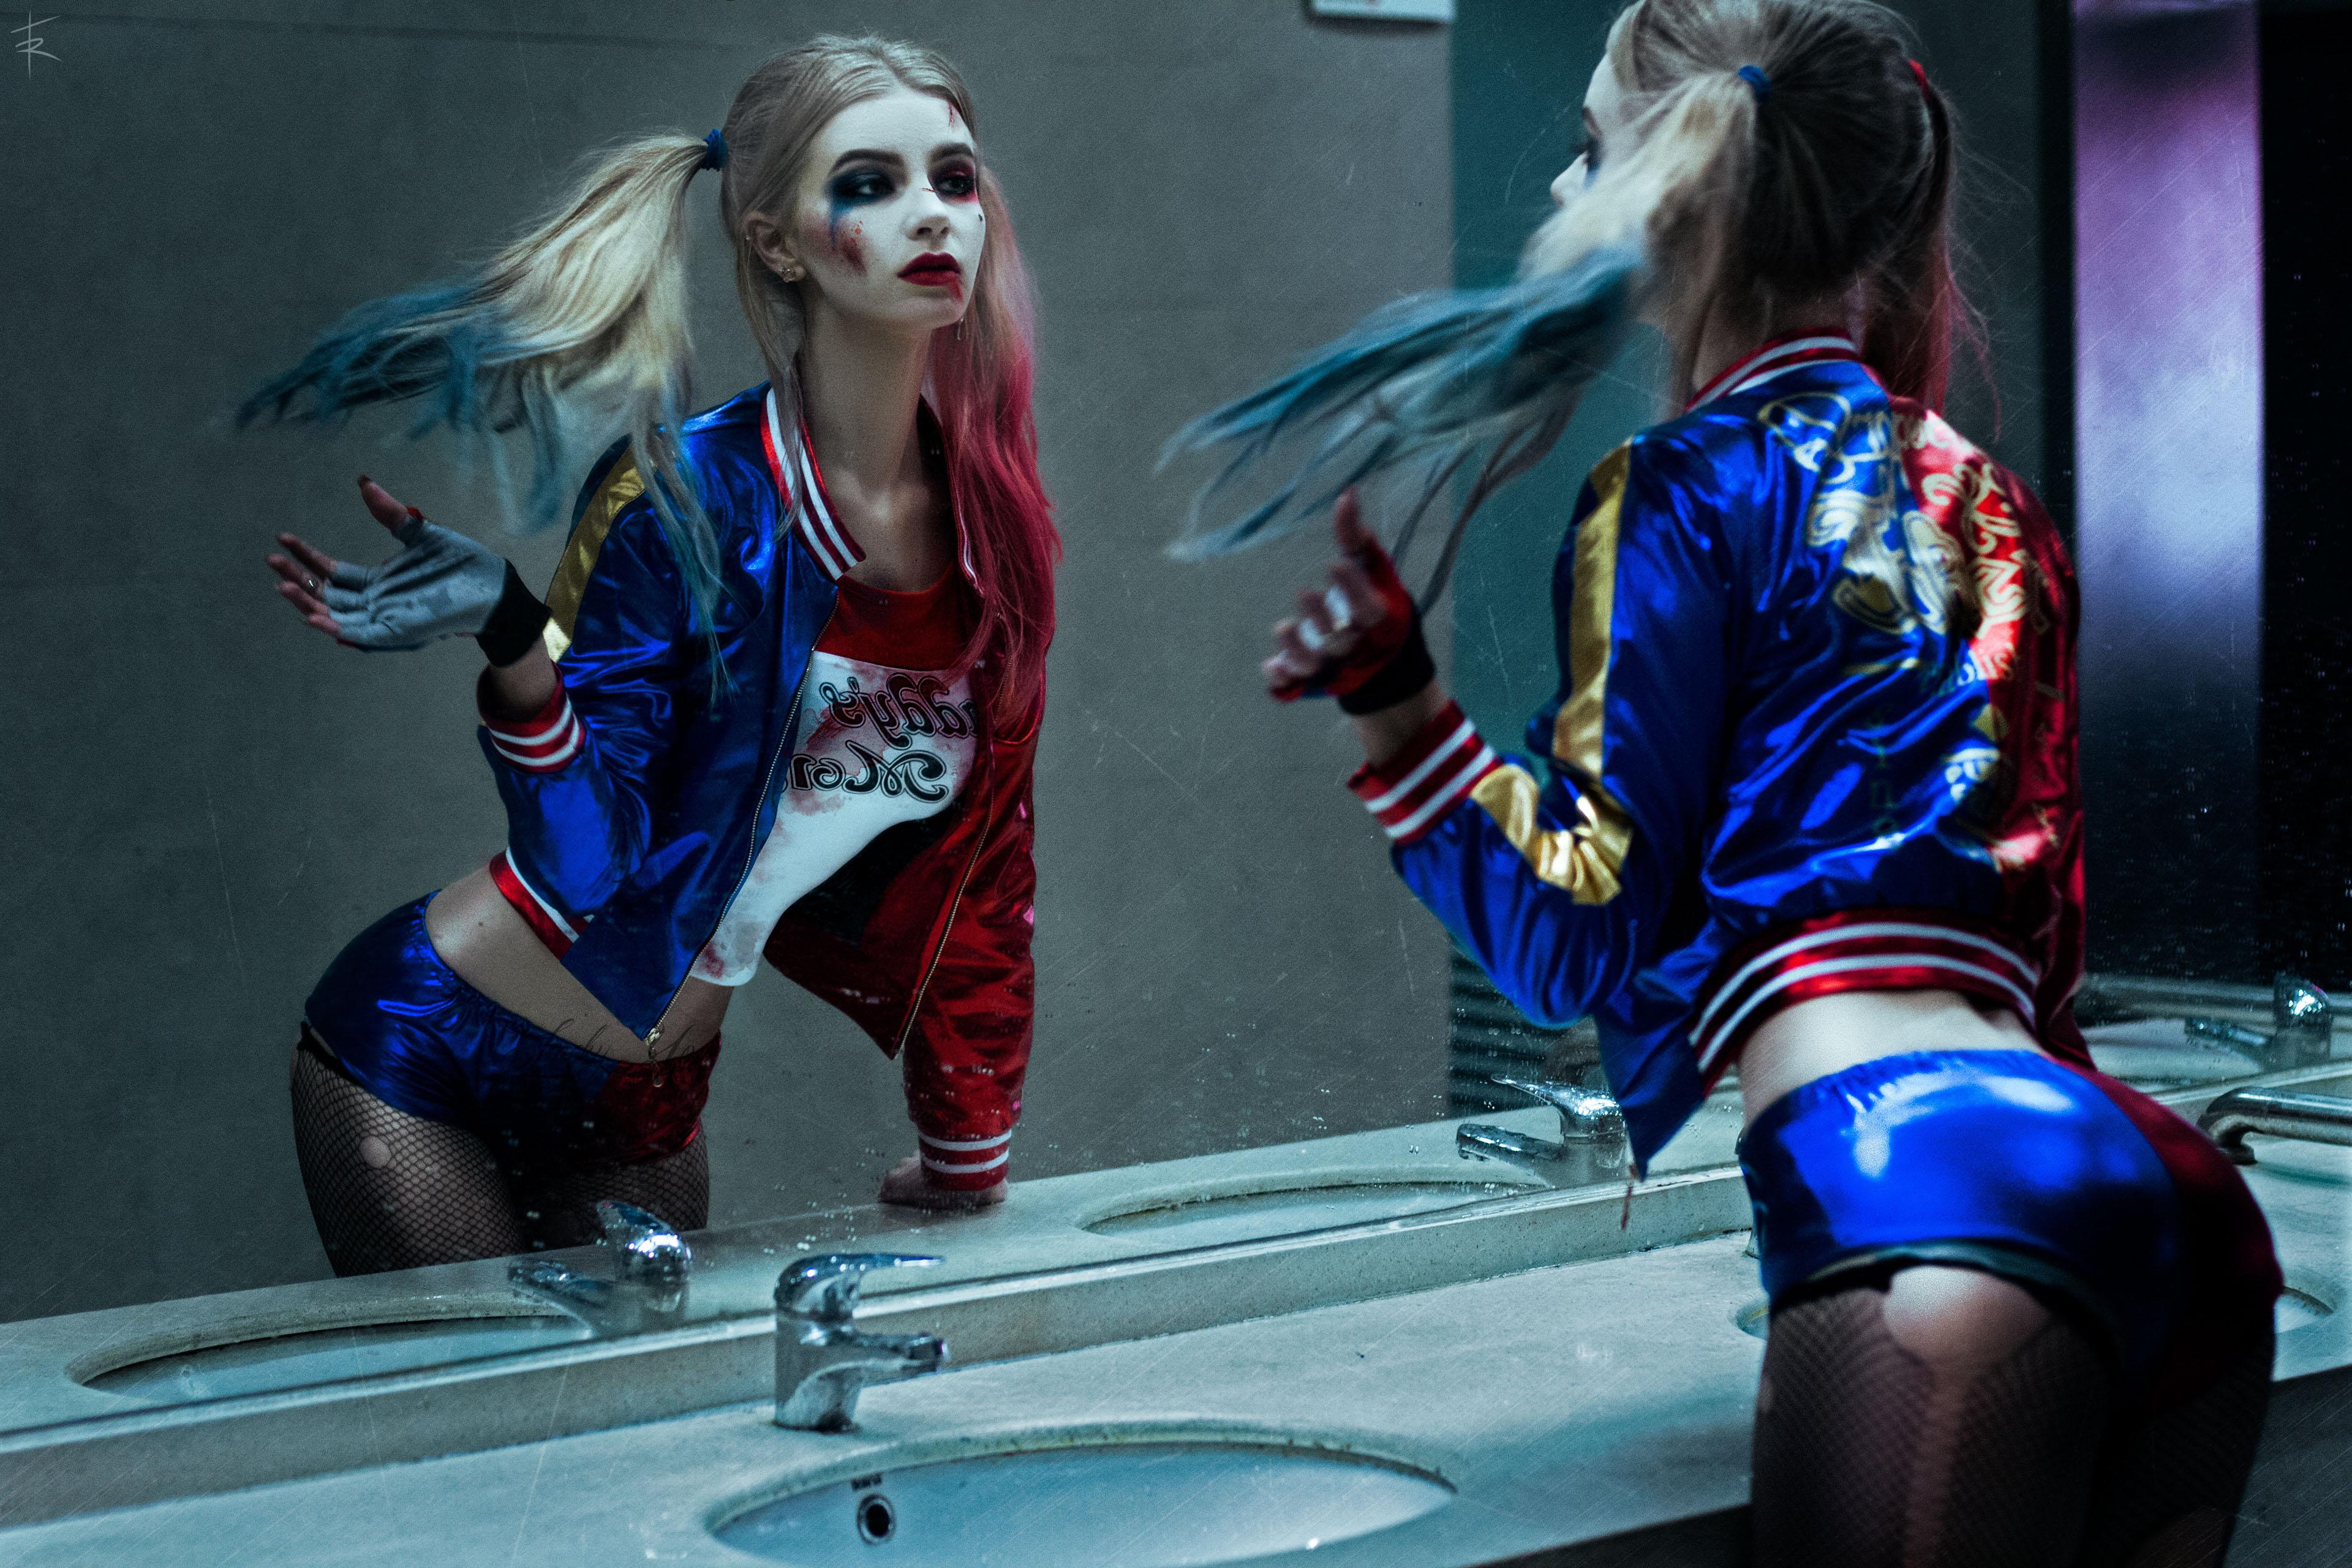 Harley Quinn 4k Hd Wallpapers: Harley Quinn Cosplay 4k, HD Superheroes, 4k Wallpapers